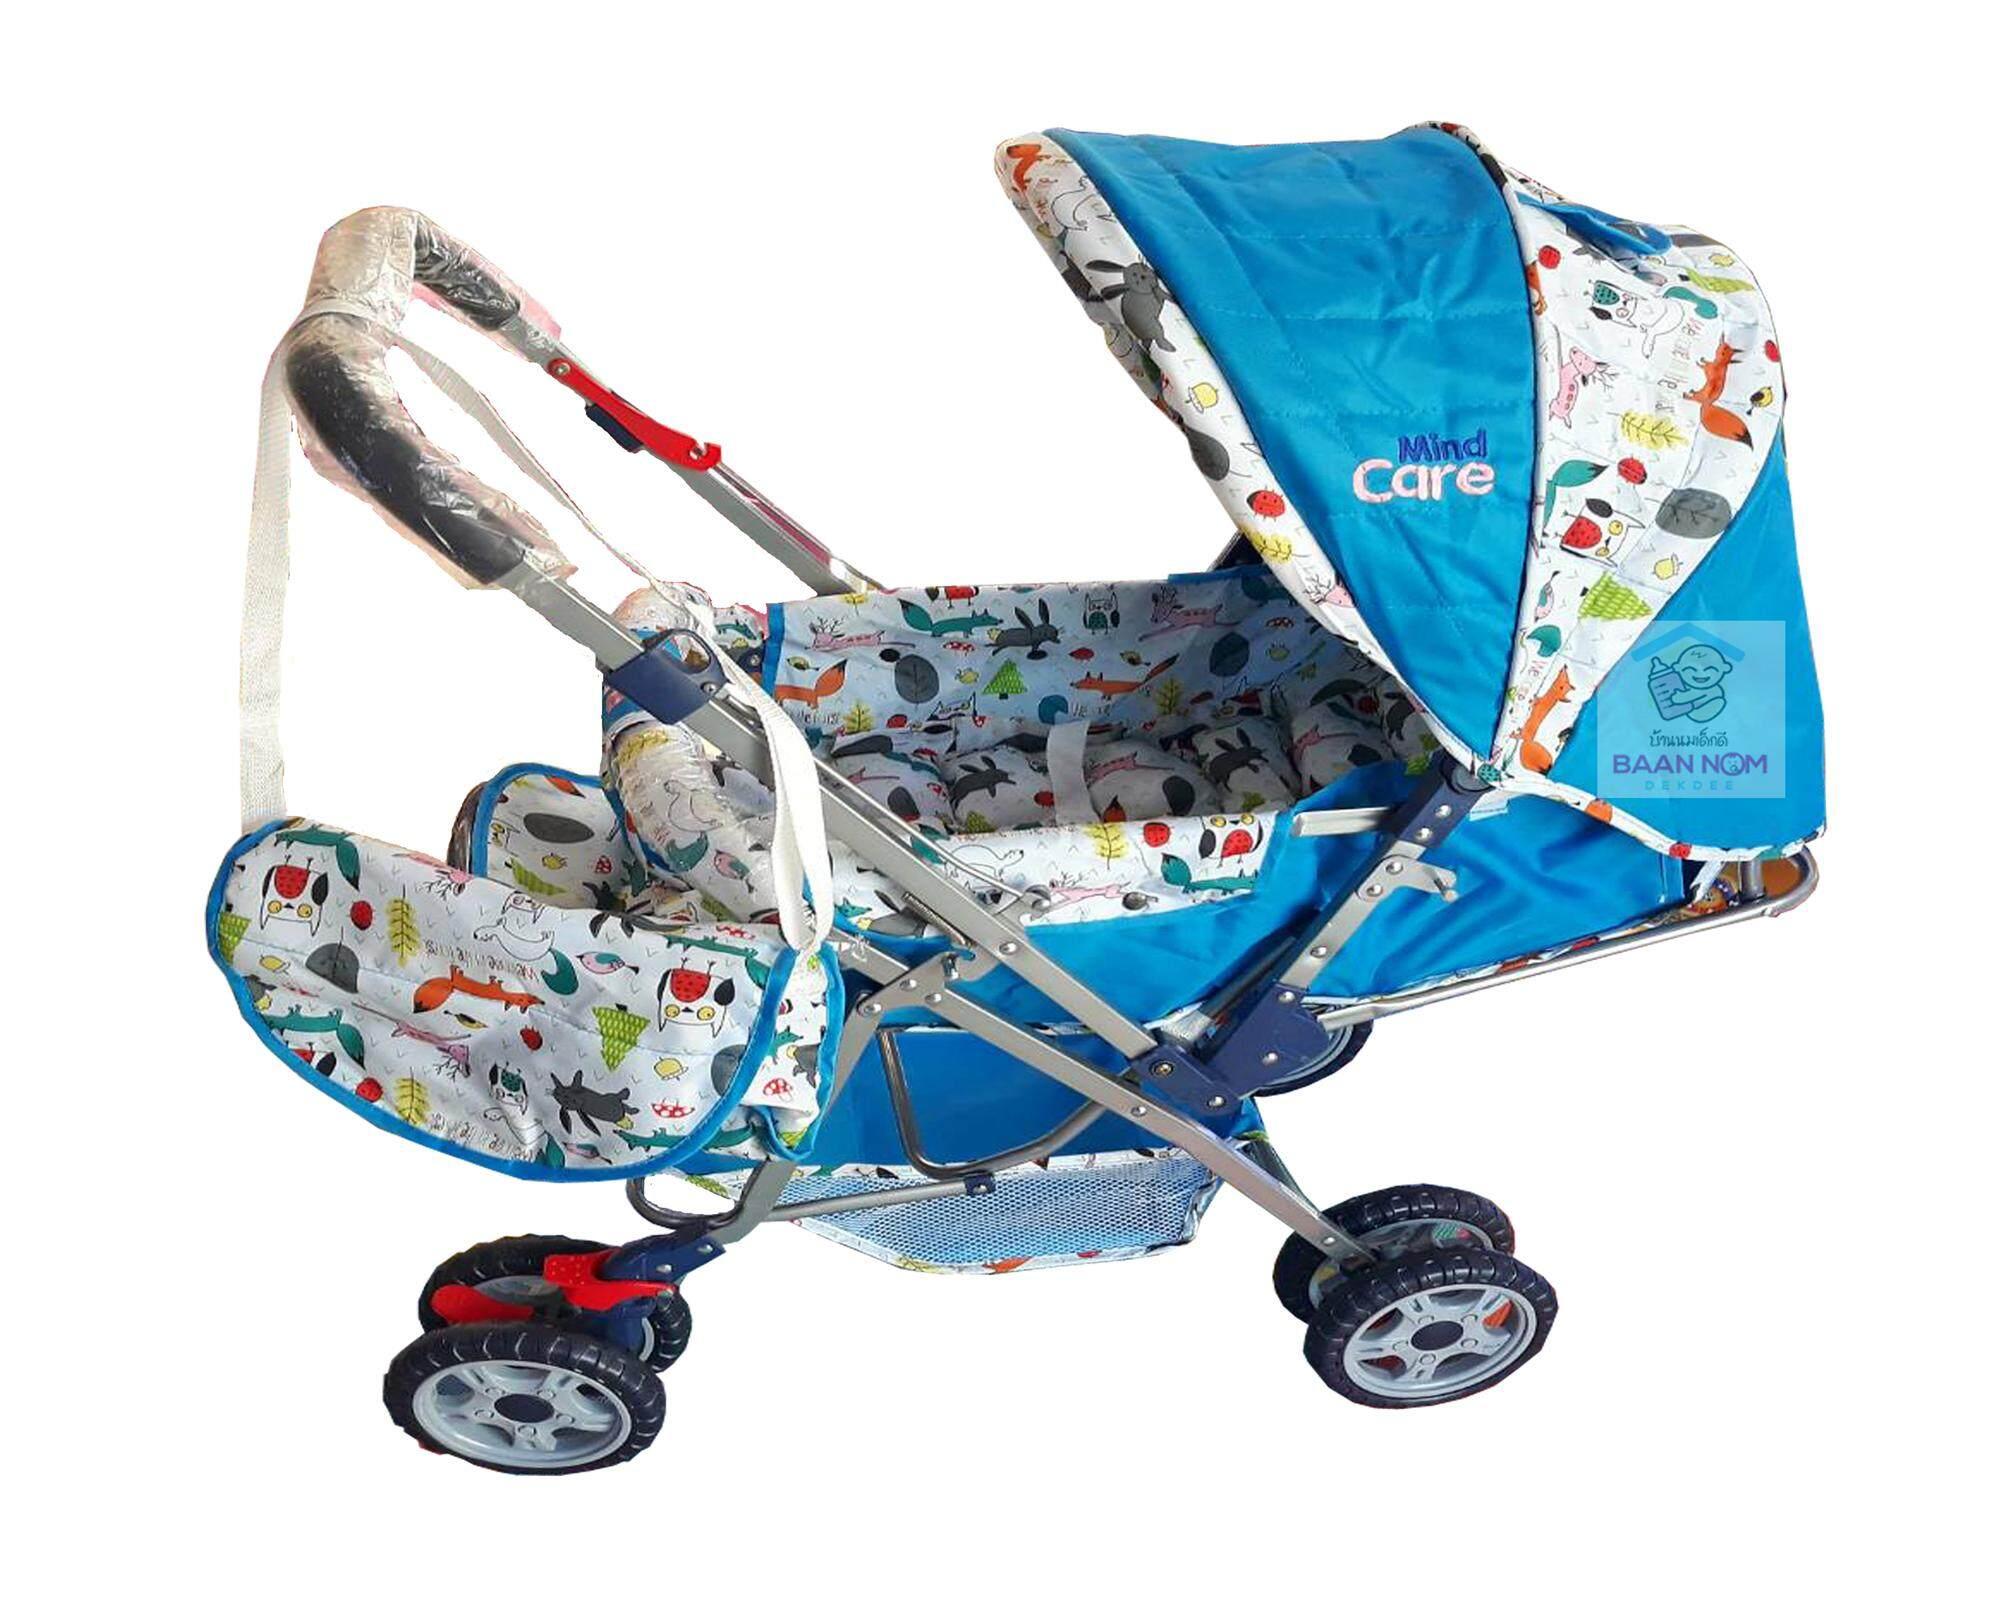 โปรโมชั่นลดราคา Fico รถเข็นเด็กแบบนอน รถเข็นเด็ก Fico รุ่น California: D288 สีน้ำเงิน มีคูปองส่วนลด